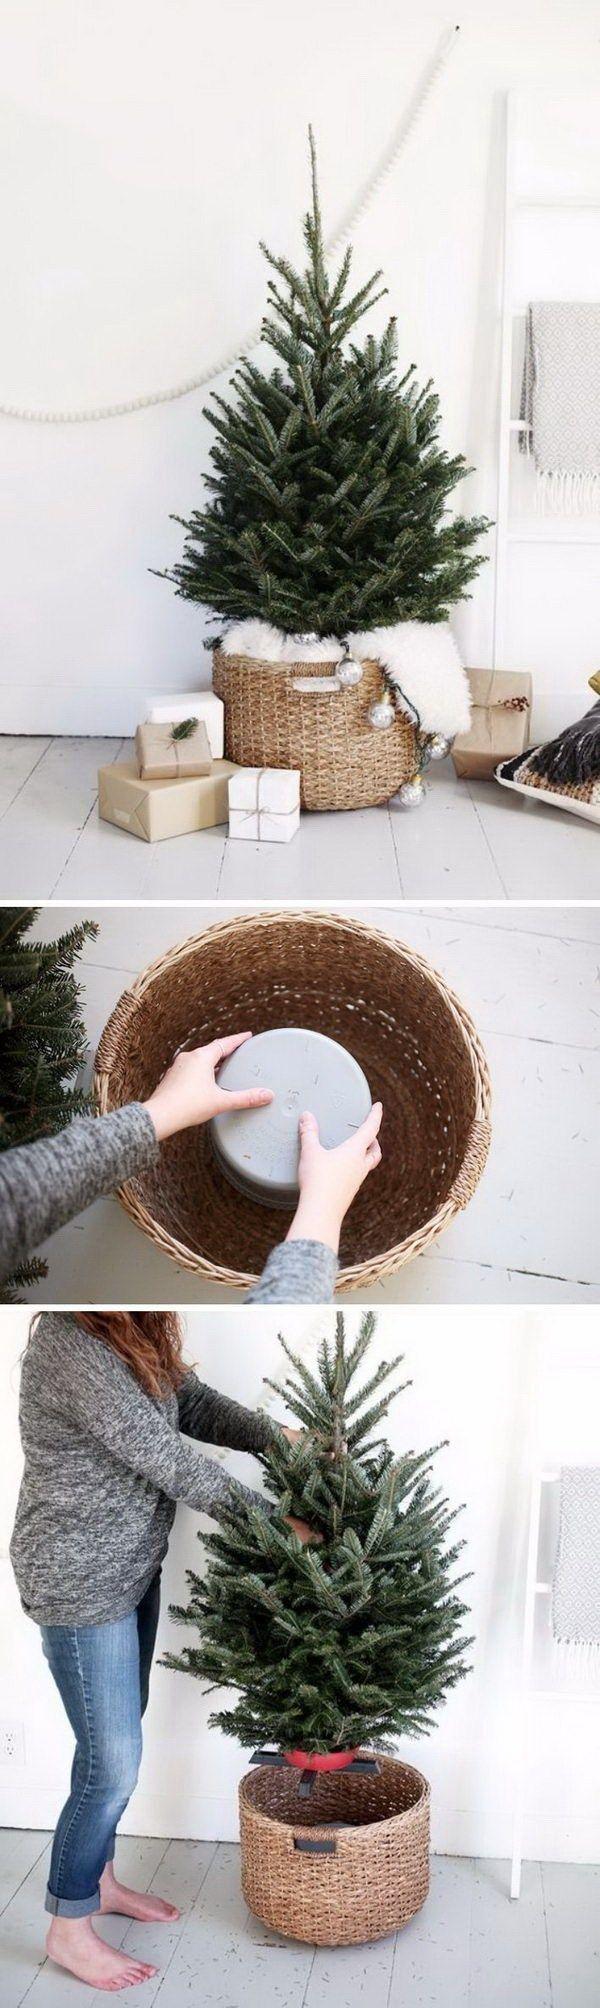 Photo of DIY Weihnachtsbaum. Verwenden Sie Körbe als Baumstützpunkt und legen Sie dann einen kleineren…